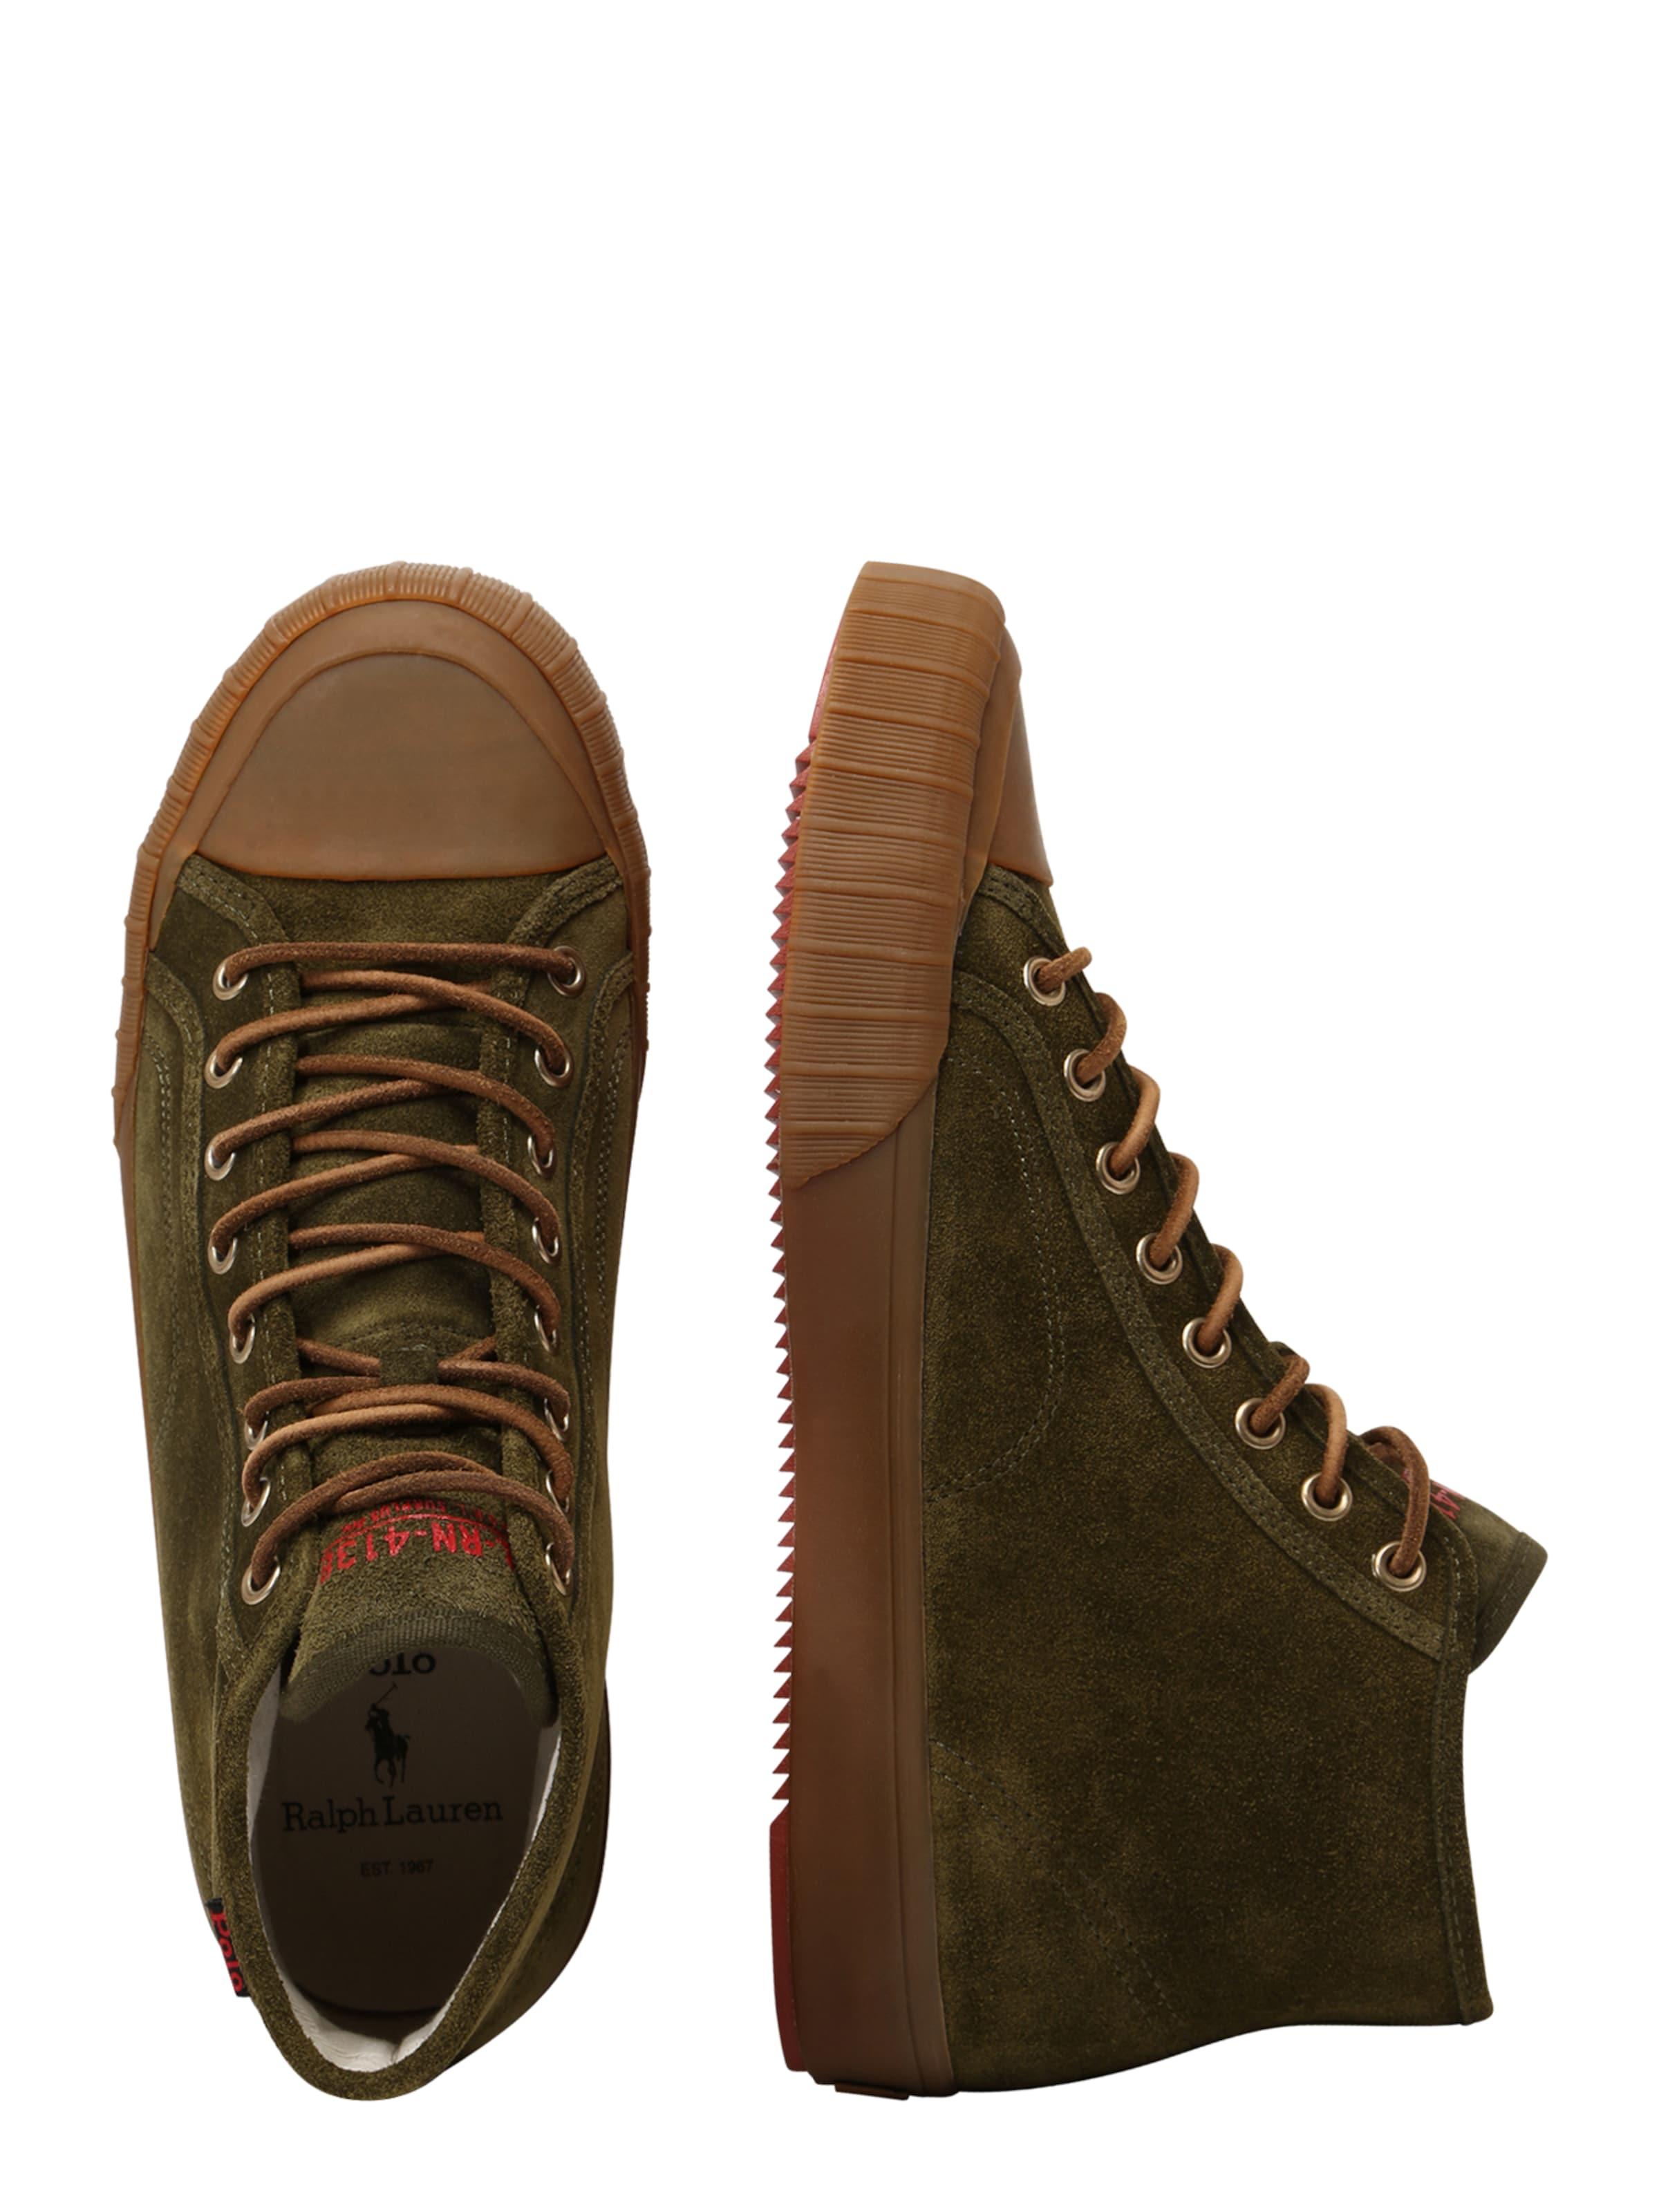 Mid' Polo In Ralph Sneaker Khaki Lauren 'xander TJc3lF1K